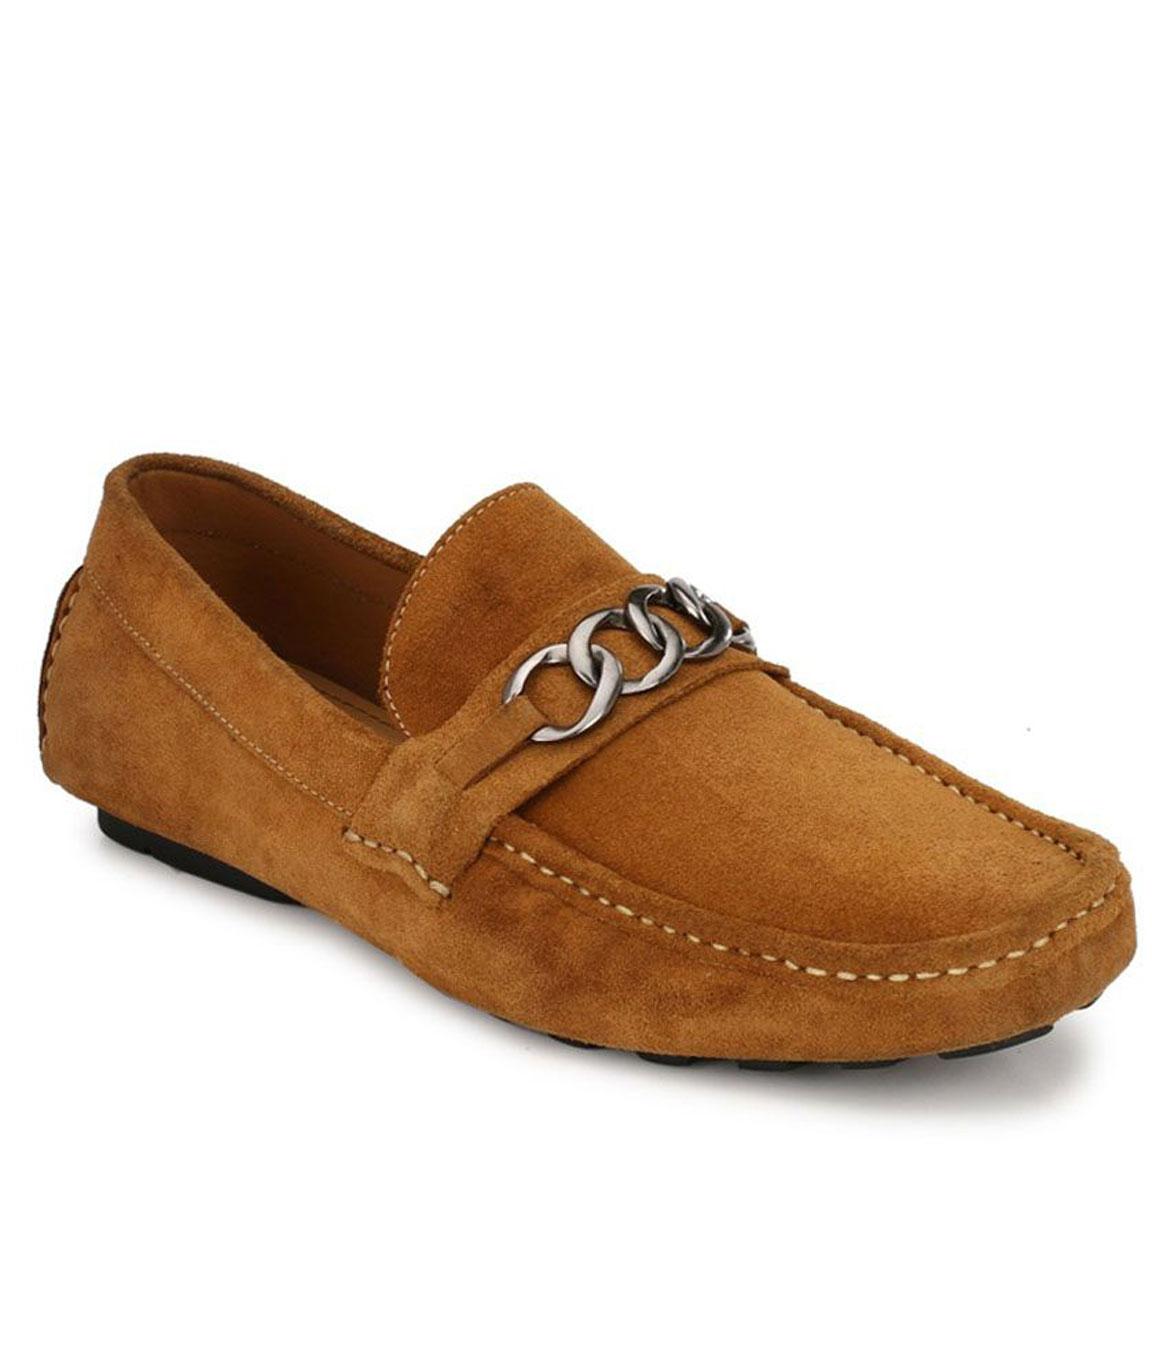 Boggy Confort Tan Loafer